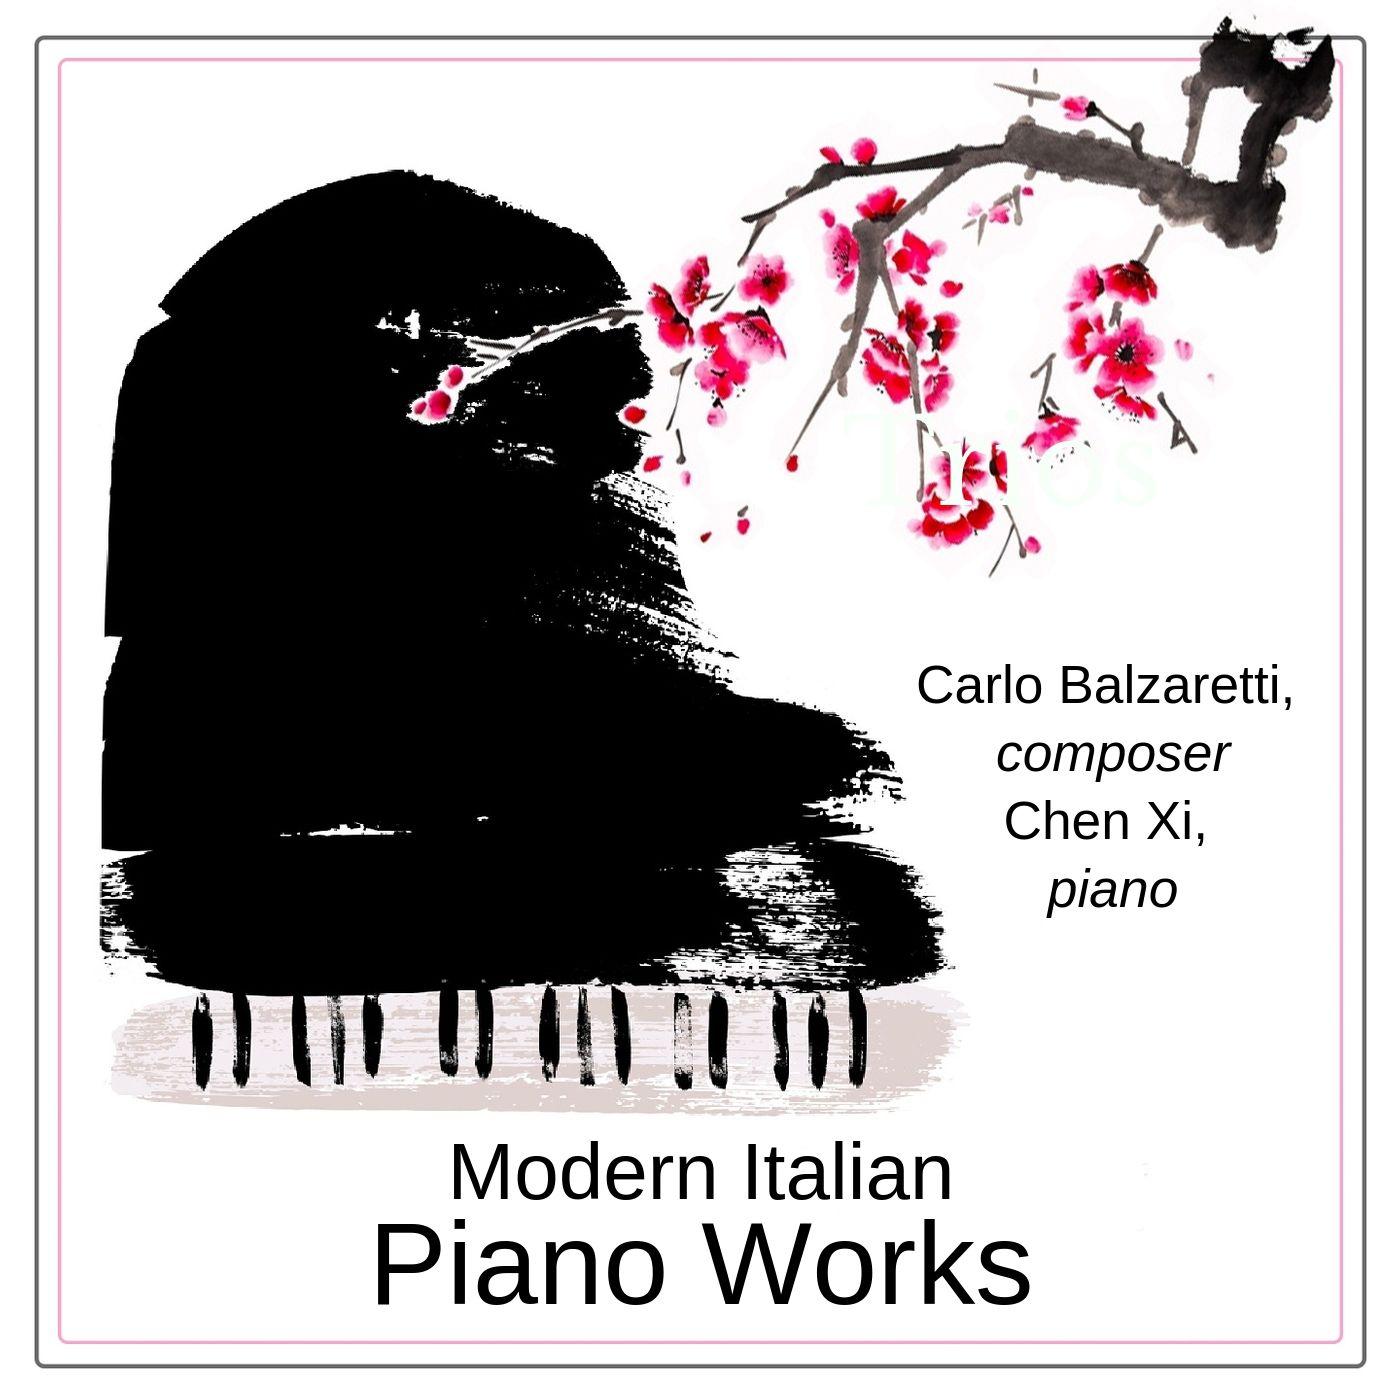 Carlo Balzaretti: Modern Italian Piano Works